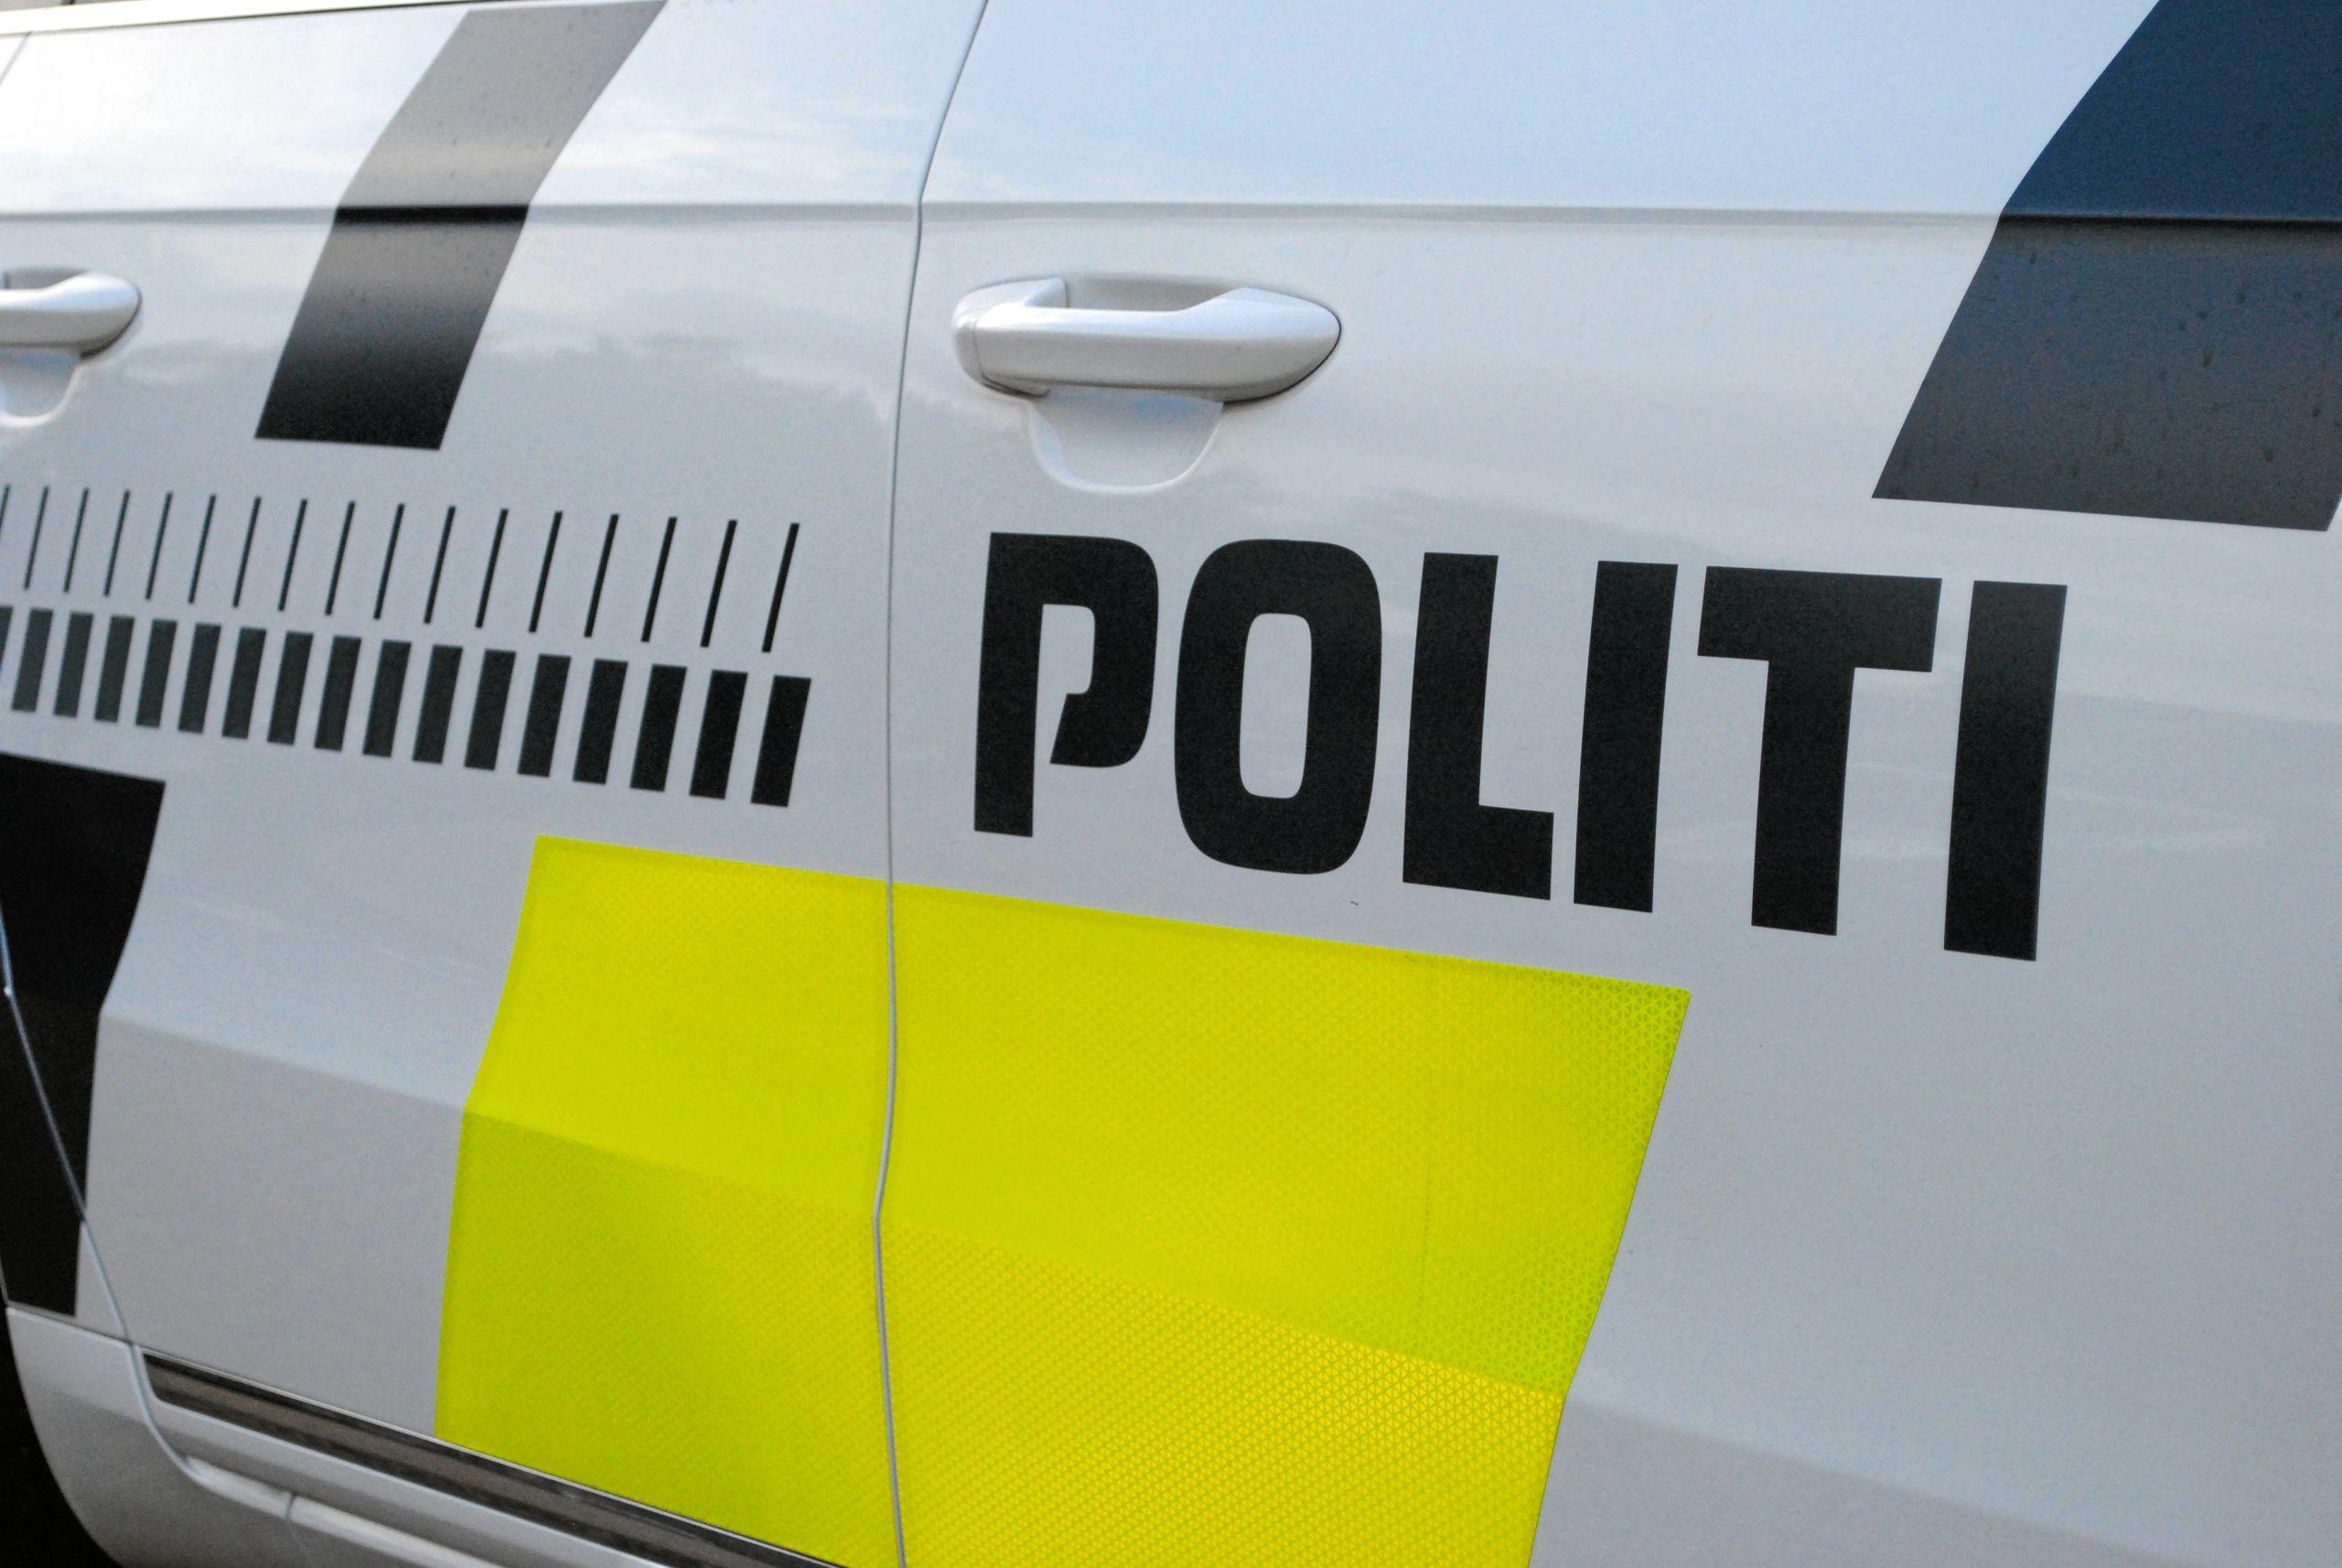 Mød en betjent: Politiet rykker ind på julemarkedet